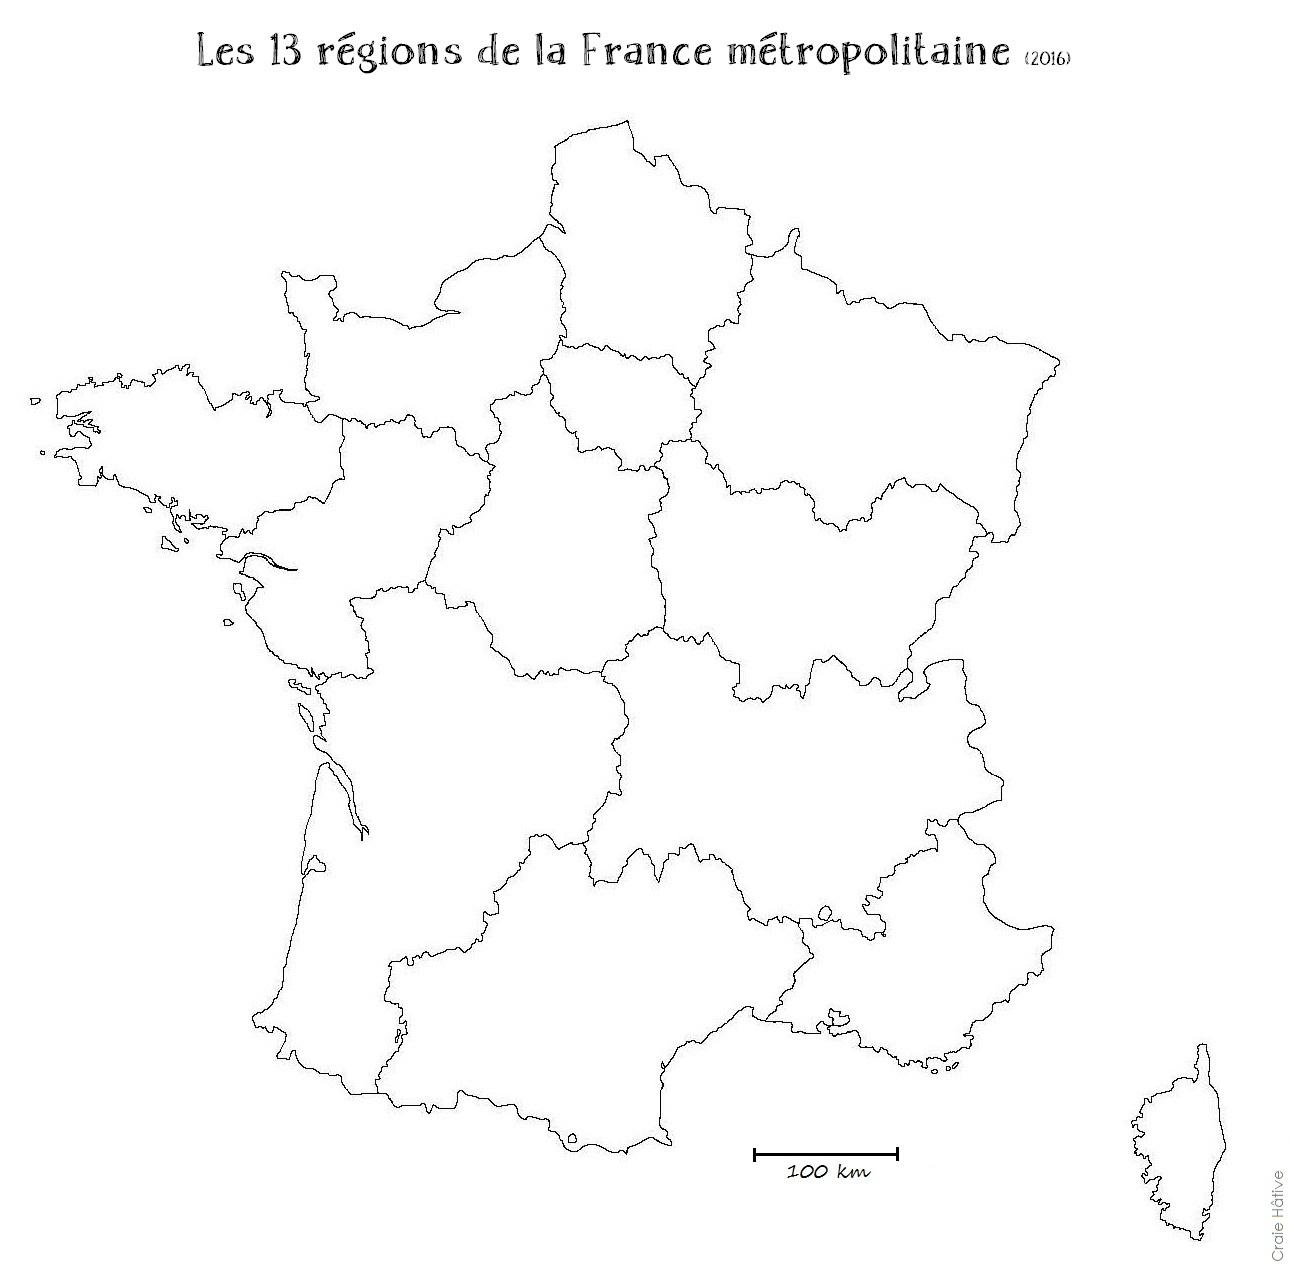 Ressources Numériques, Carte De France Vierge Nouvelles Régions dedans Carte De La France Vierge